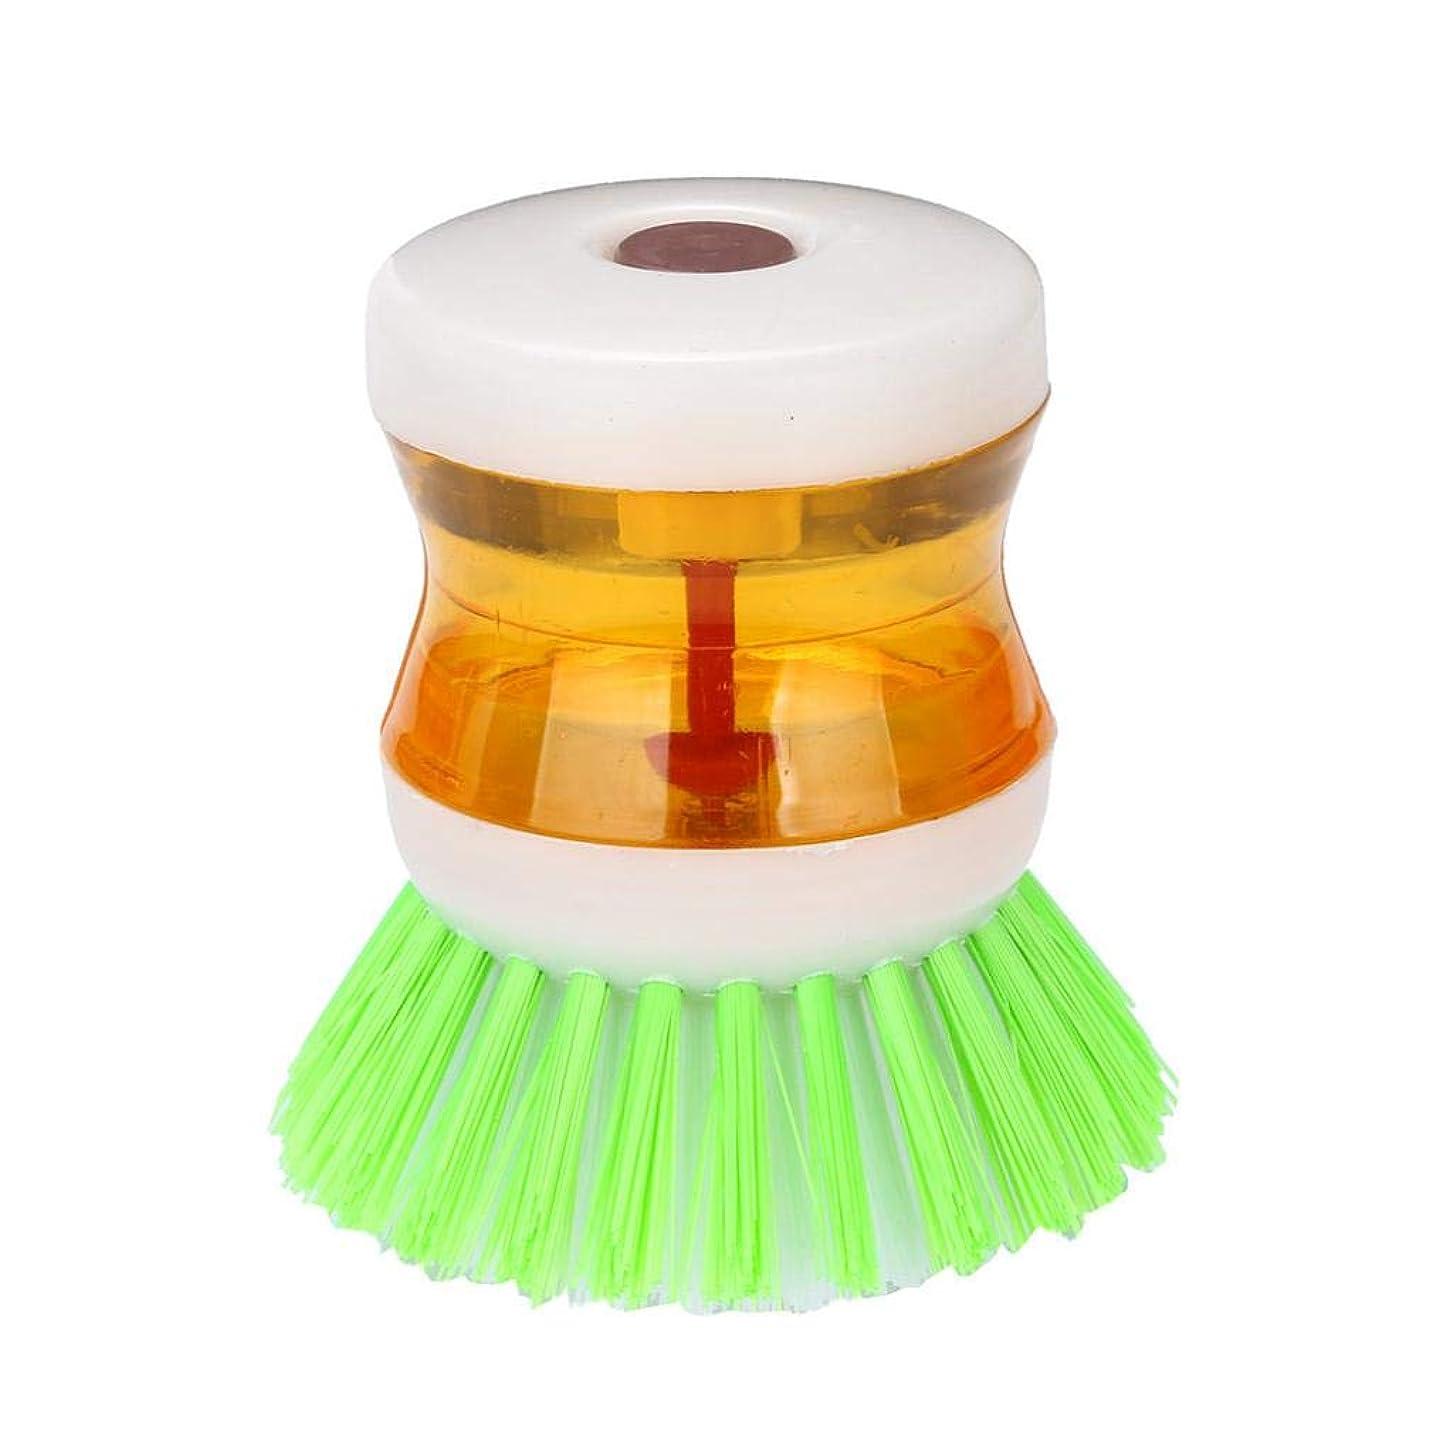 Iusun Dishwashing Brush, Dish Brush with Washing Up Liquid Soap Dispenser Brush for Kitchen Utensil Pot Pan Dish Plate Washing (Random Color)